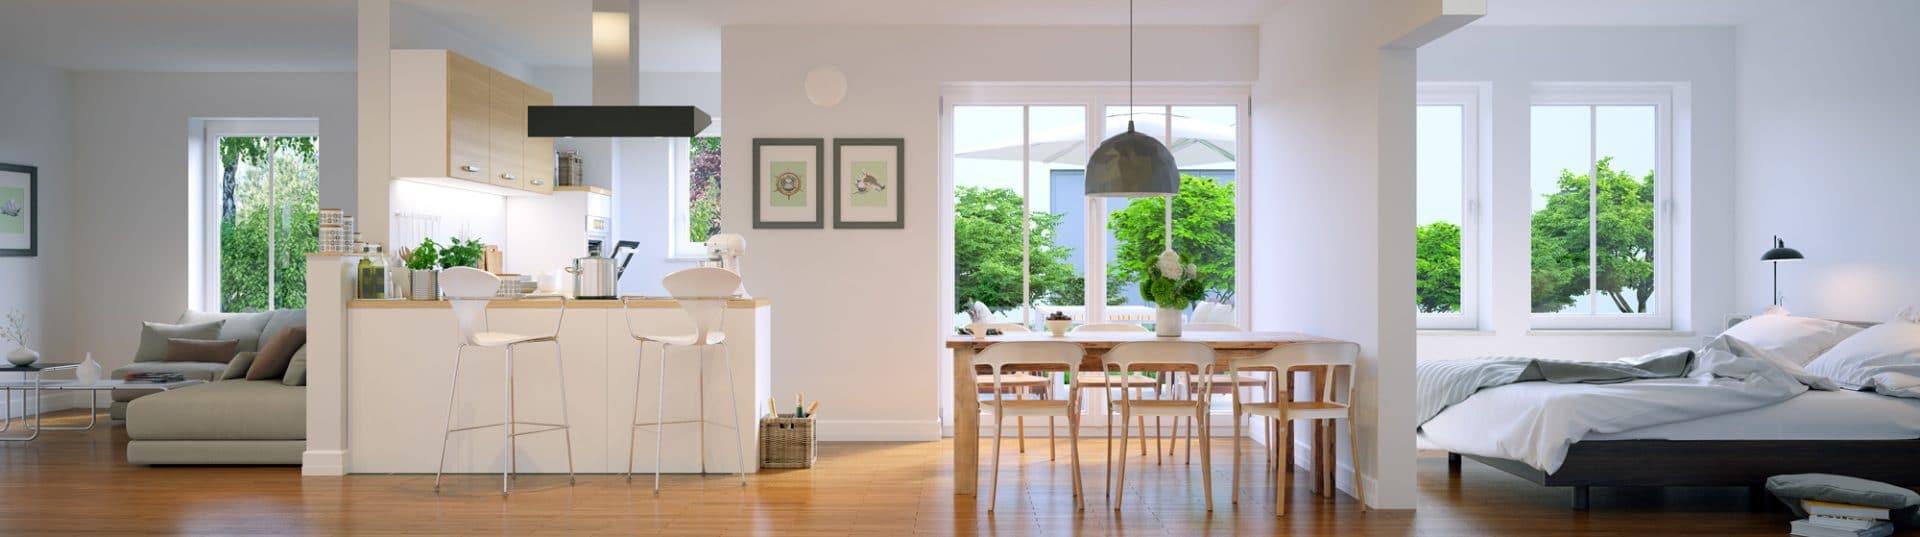 Jetzt Haus kaufen oder Wohnung mieten mit Borkenhagen